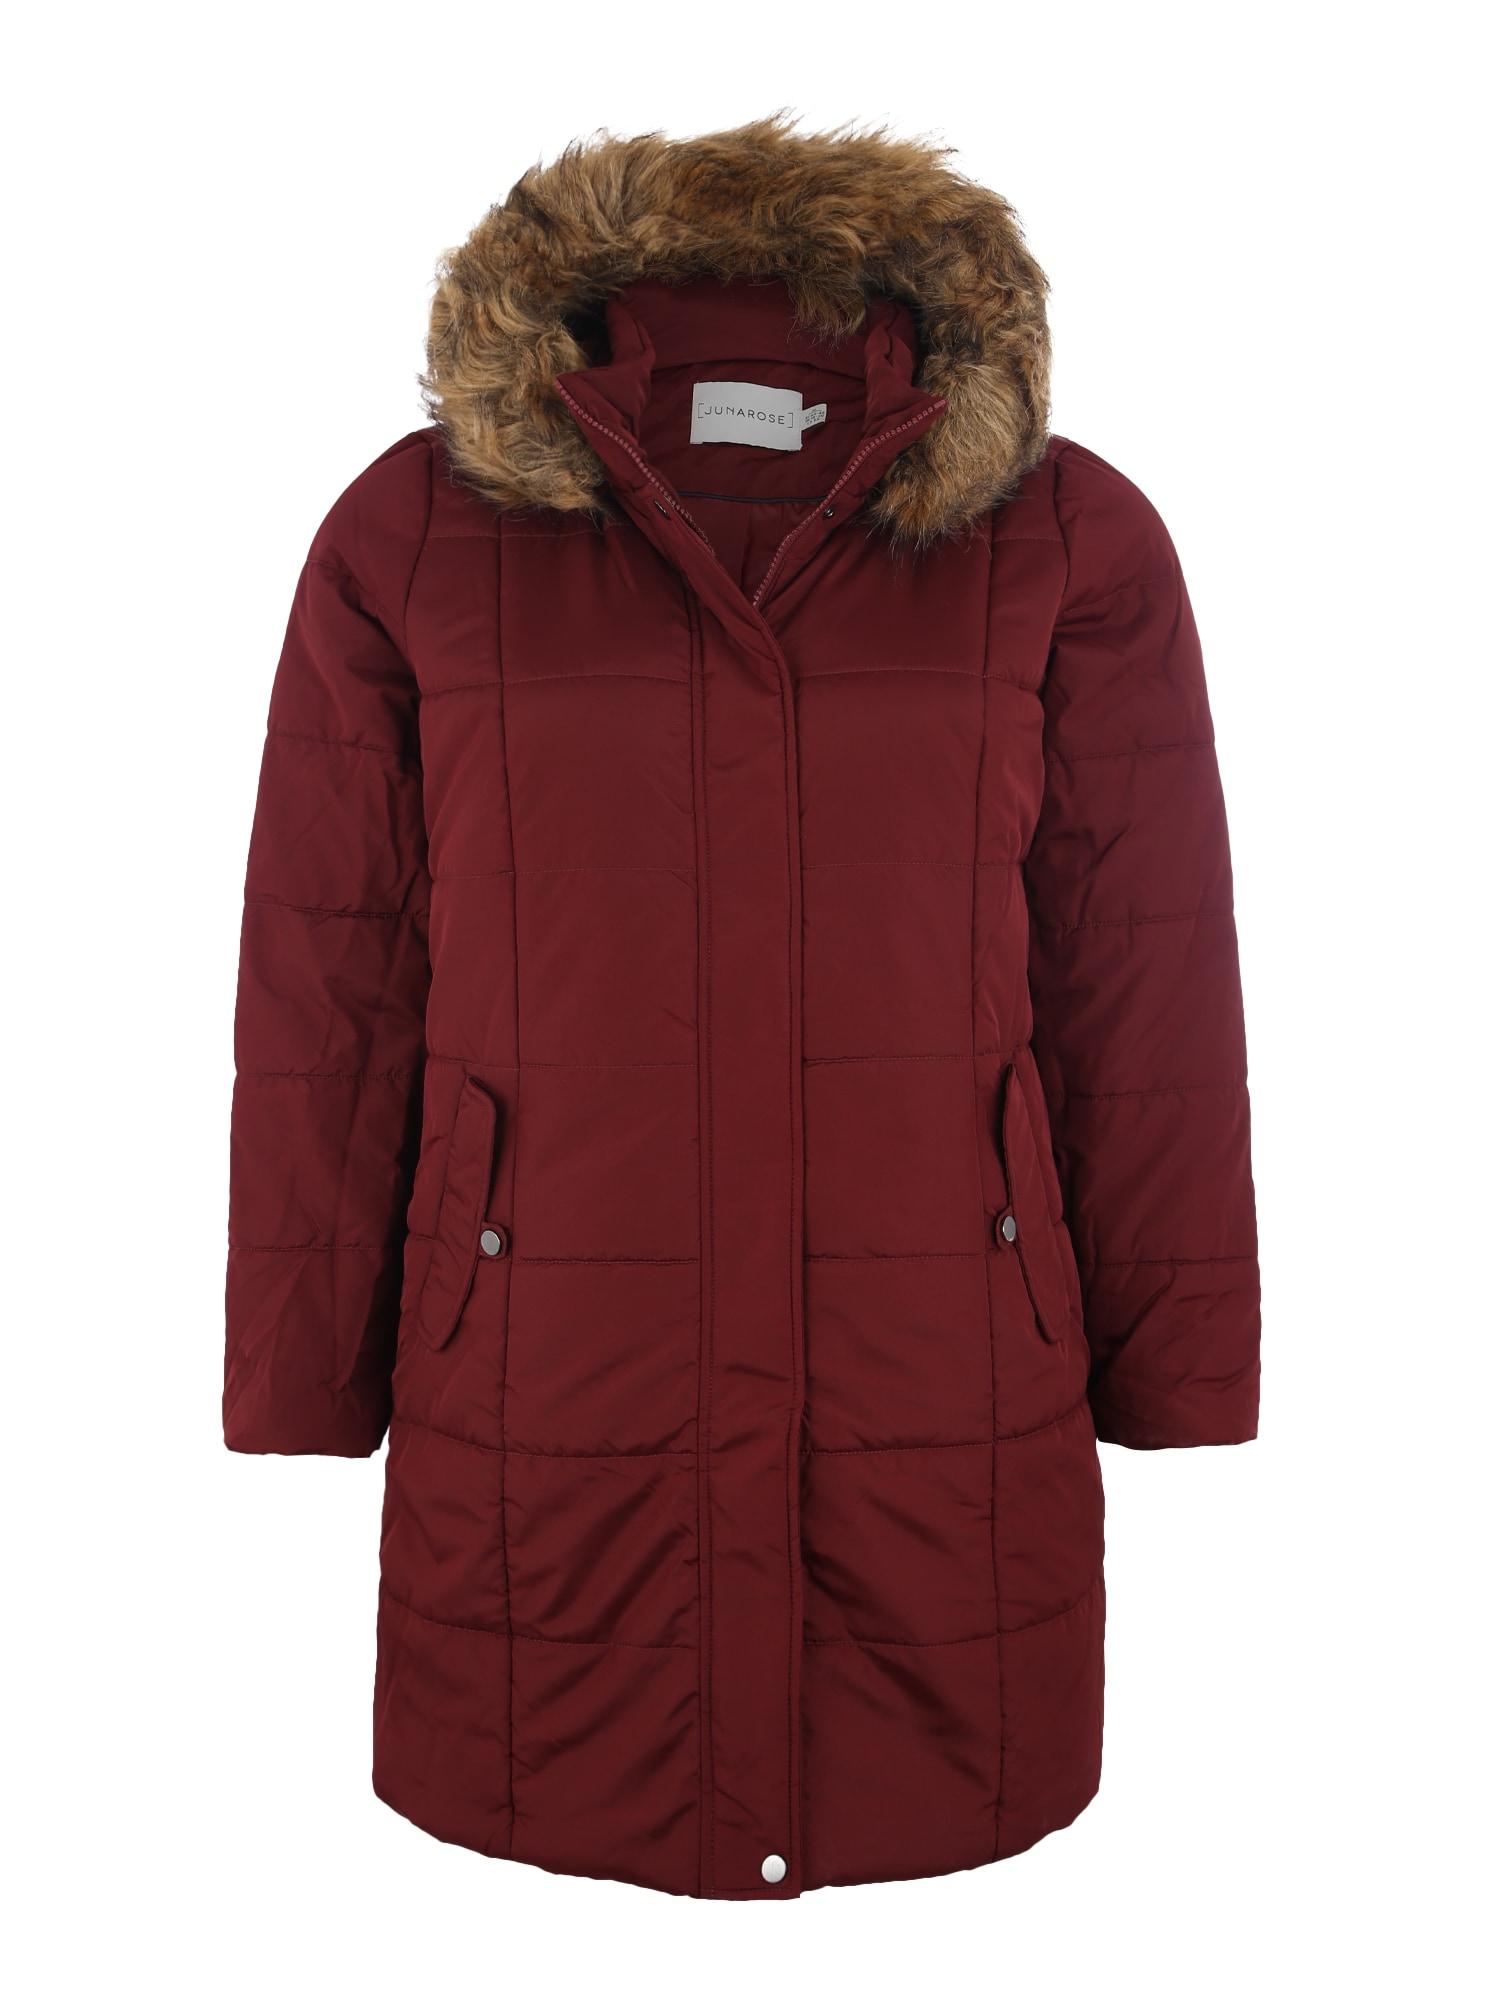 Junarose Žieminis paltas ugnies raudona